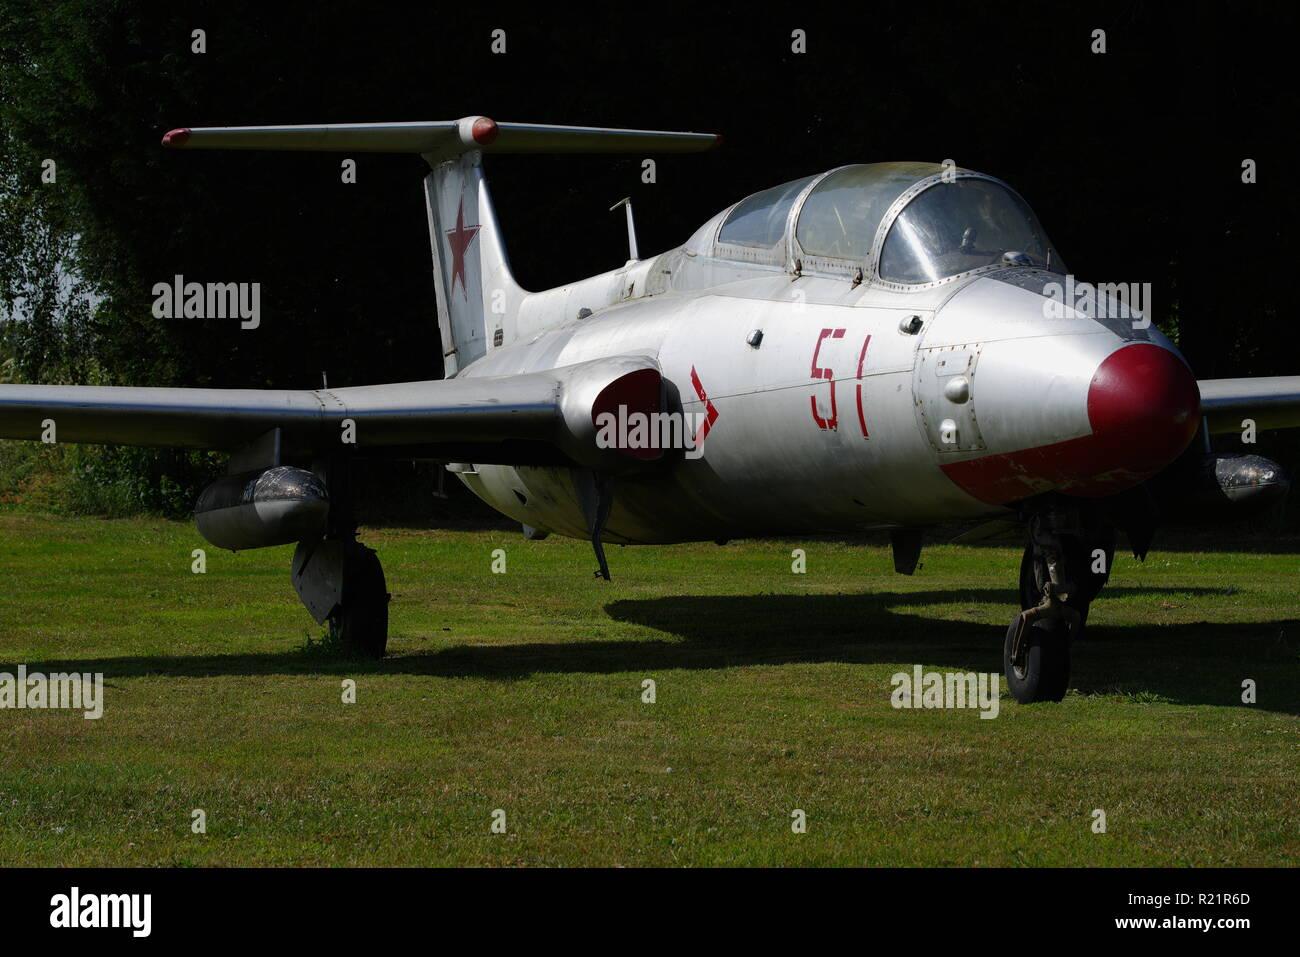 Aero L-29 Delfin - Stock Image